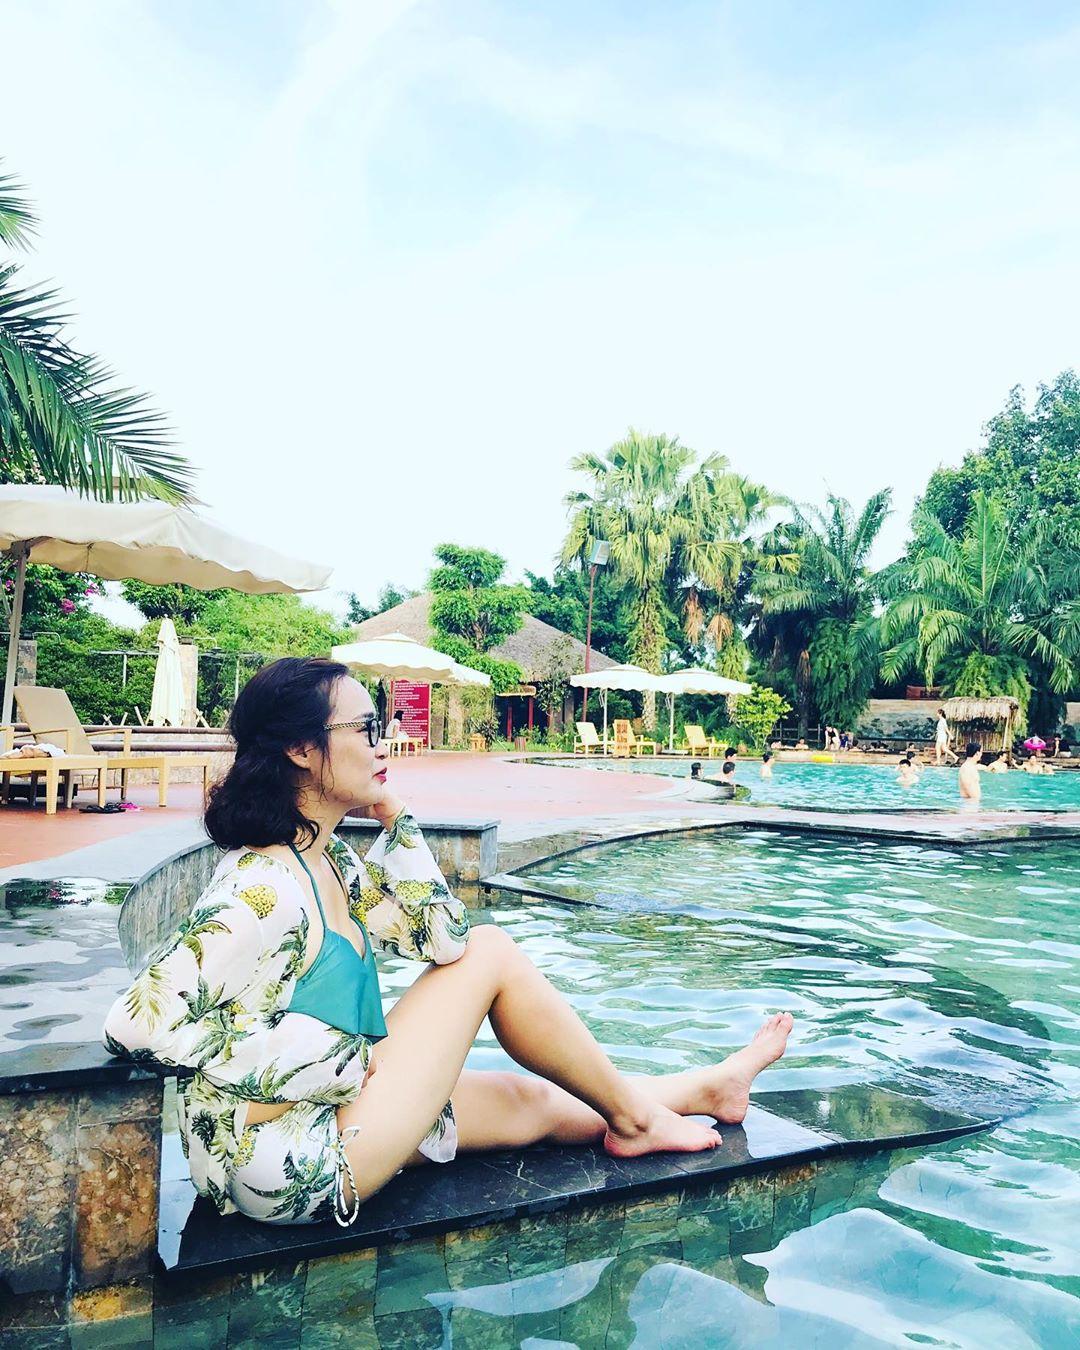 Thảo Viên Resort 4*